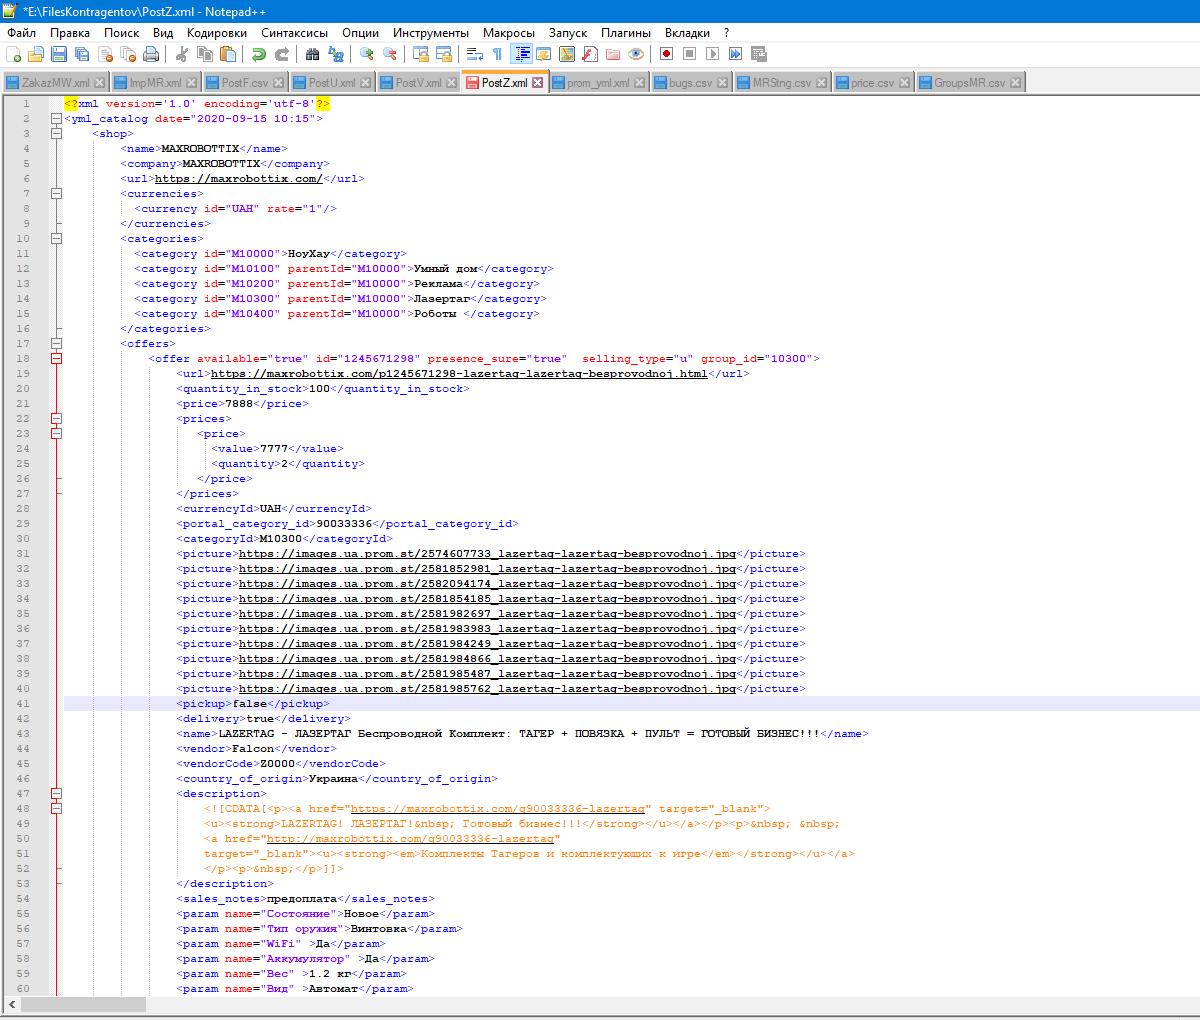 Фото Формирование файла импорта из файлов нескольких поставщиков